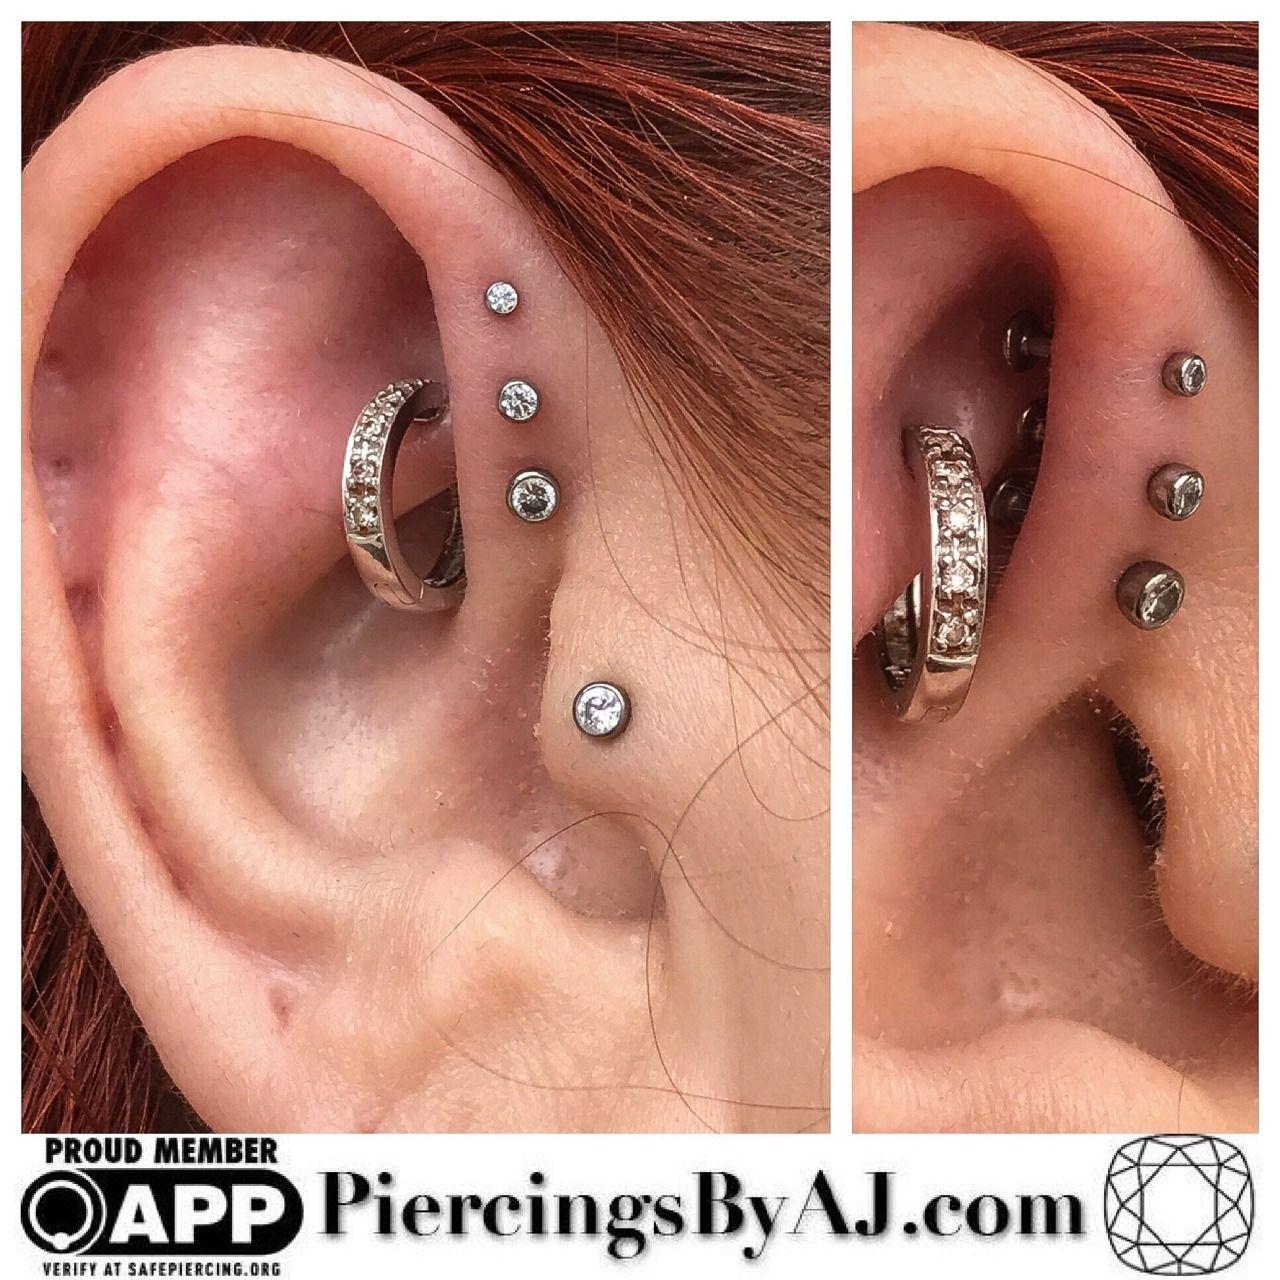 Piercing ideas body  Piercings By AJ  Photo  Ear Piercing  Pinterest  Piercings